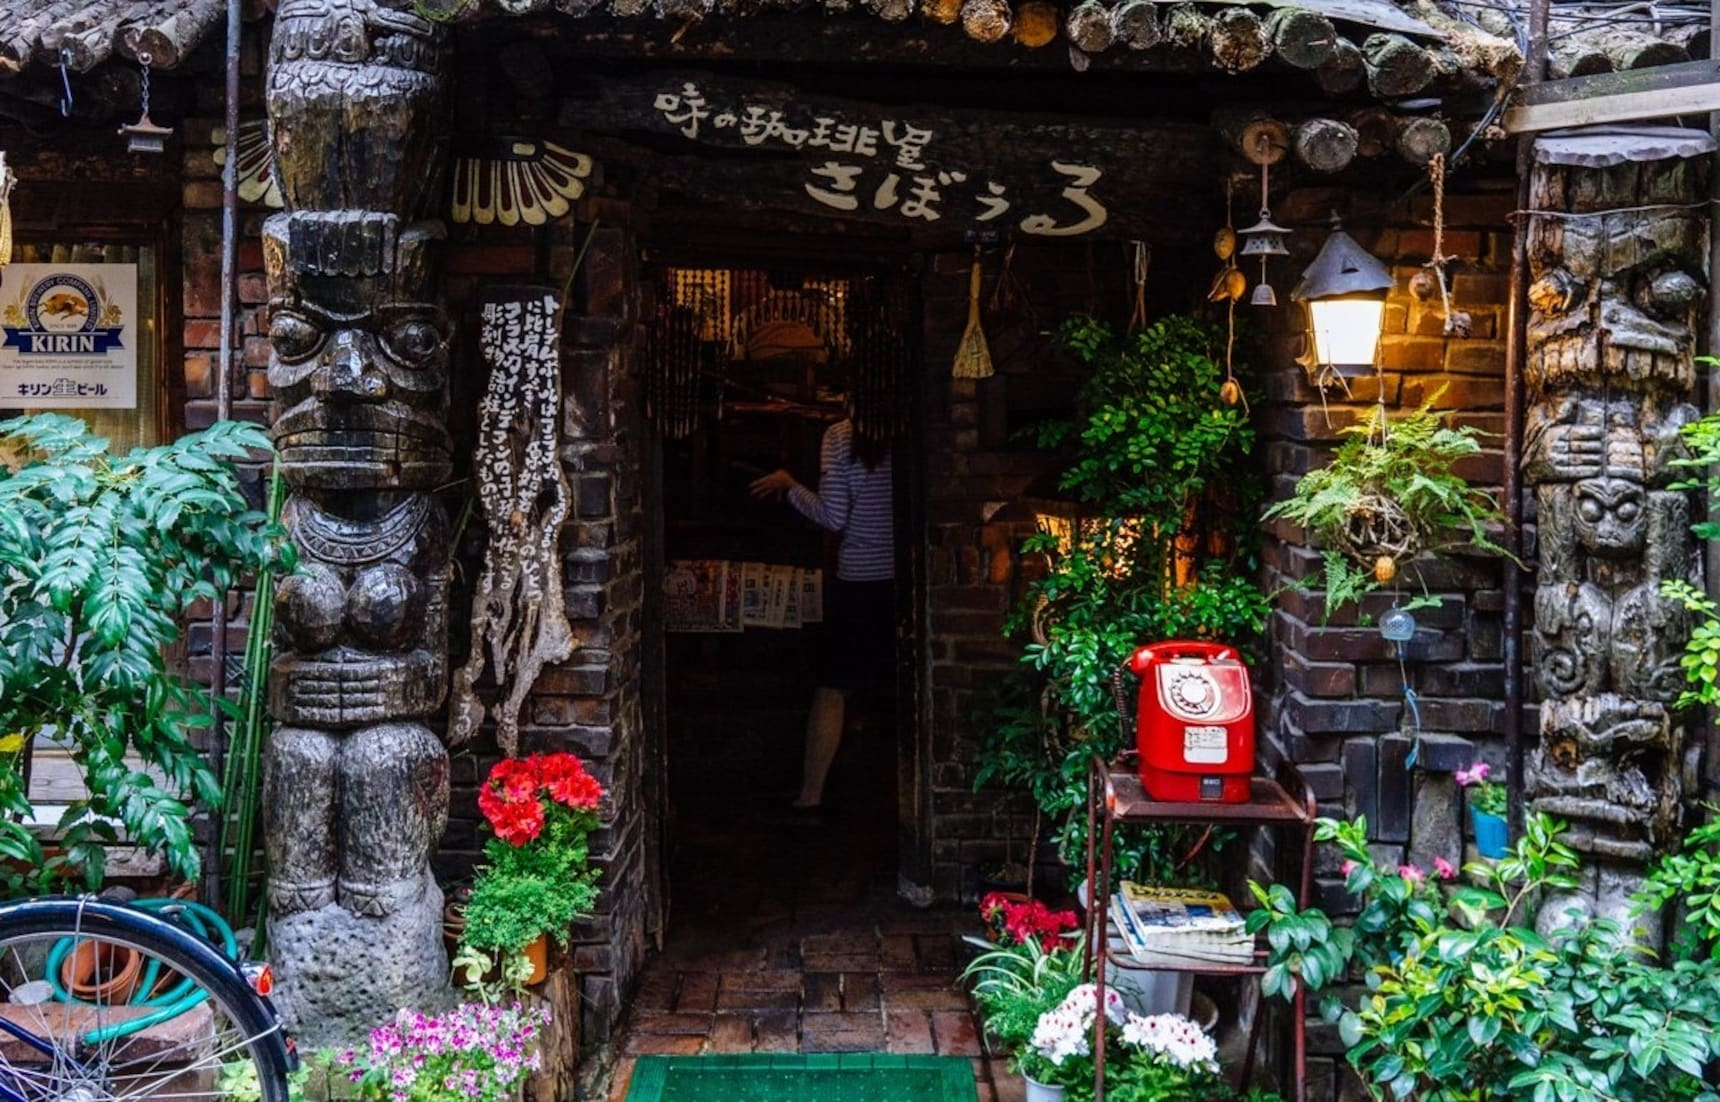 去寻找一个梦想 — 神保町昭和复古风咖啡店